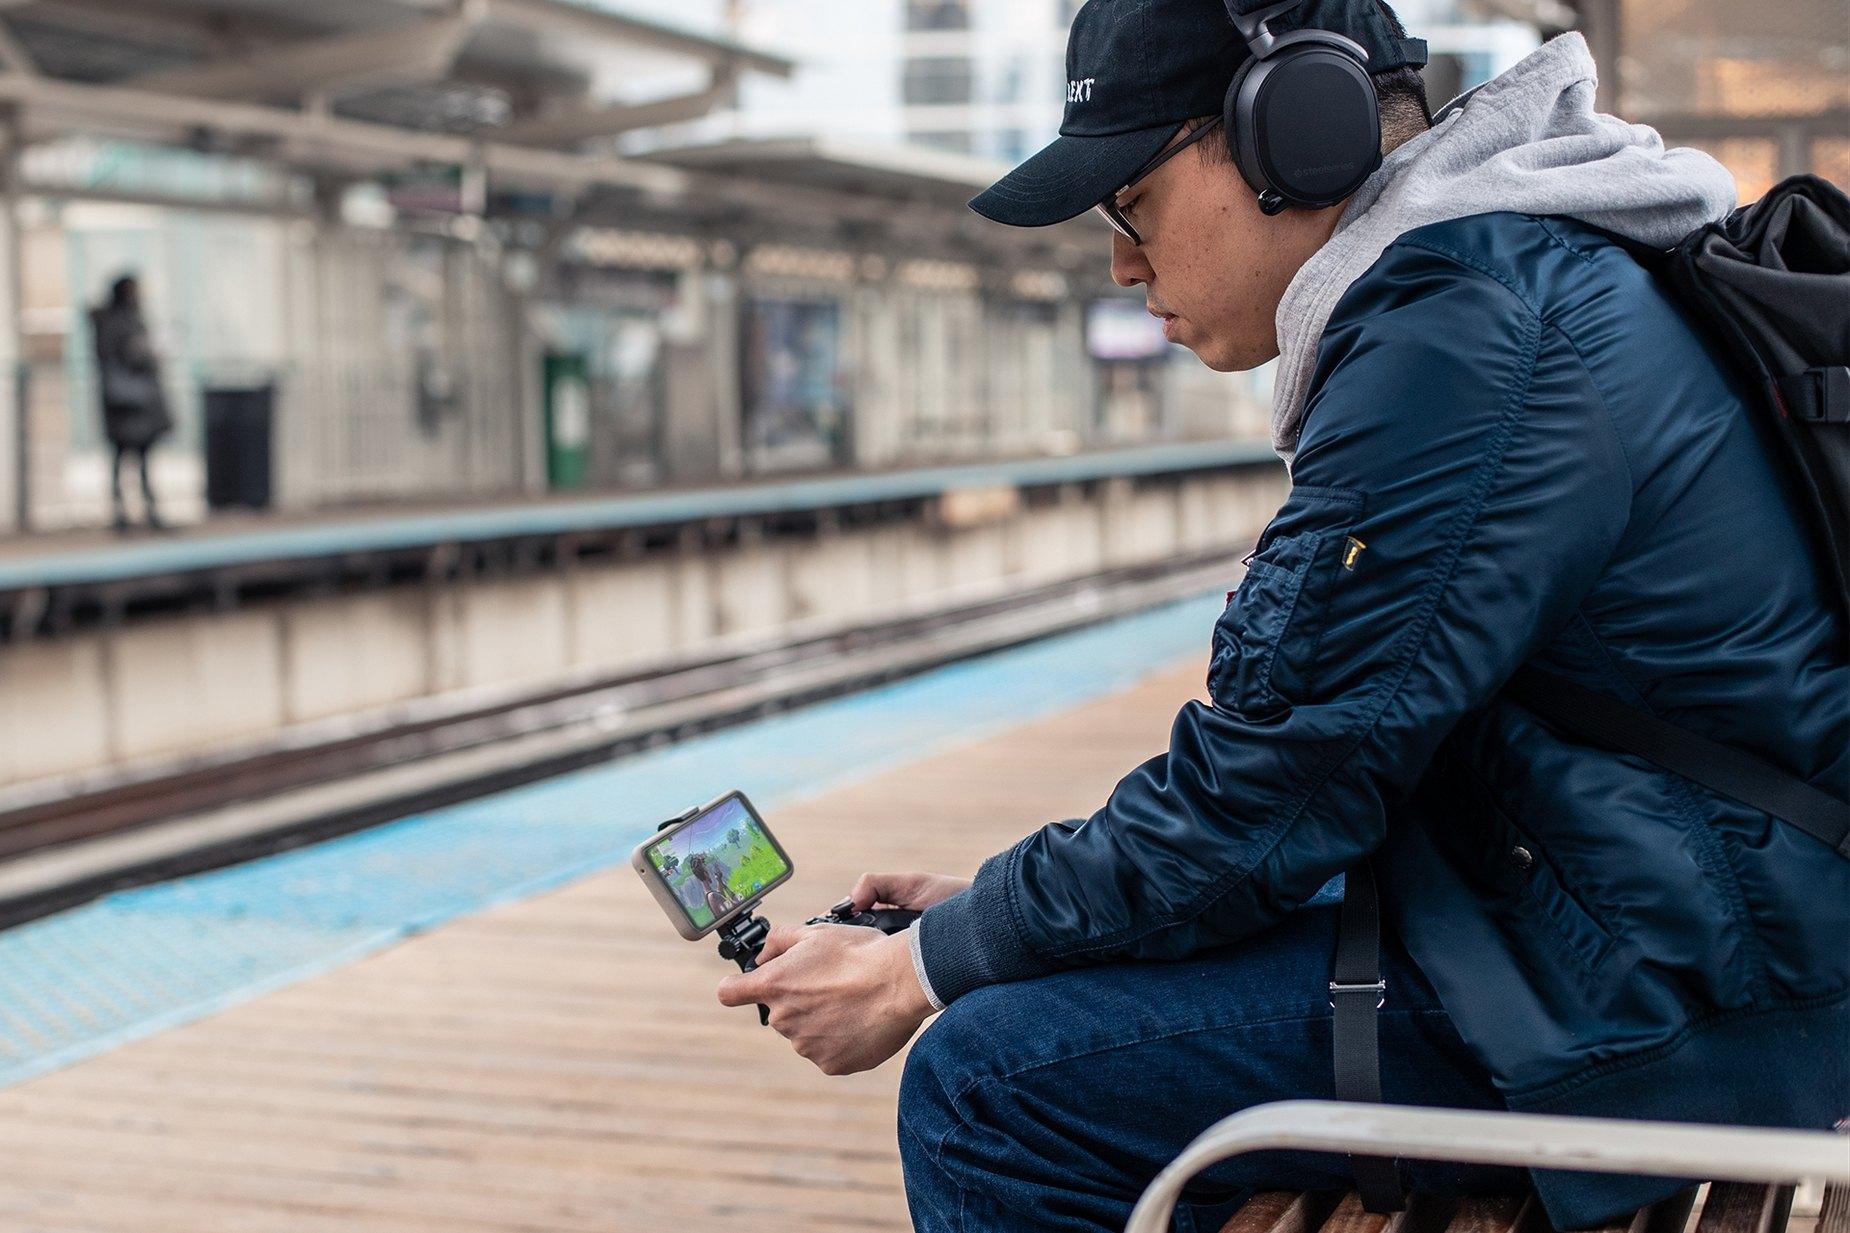 Un homme qui joue à Fortnite sur un téléphone en utilisant une manette et une fixation SmartGrip